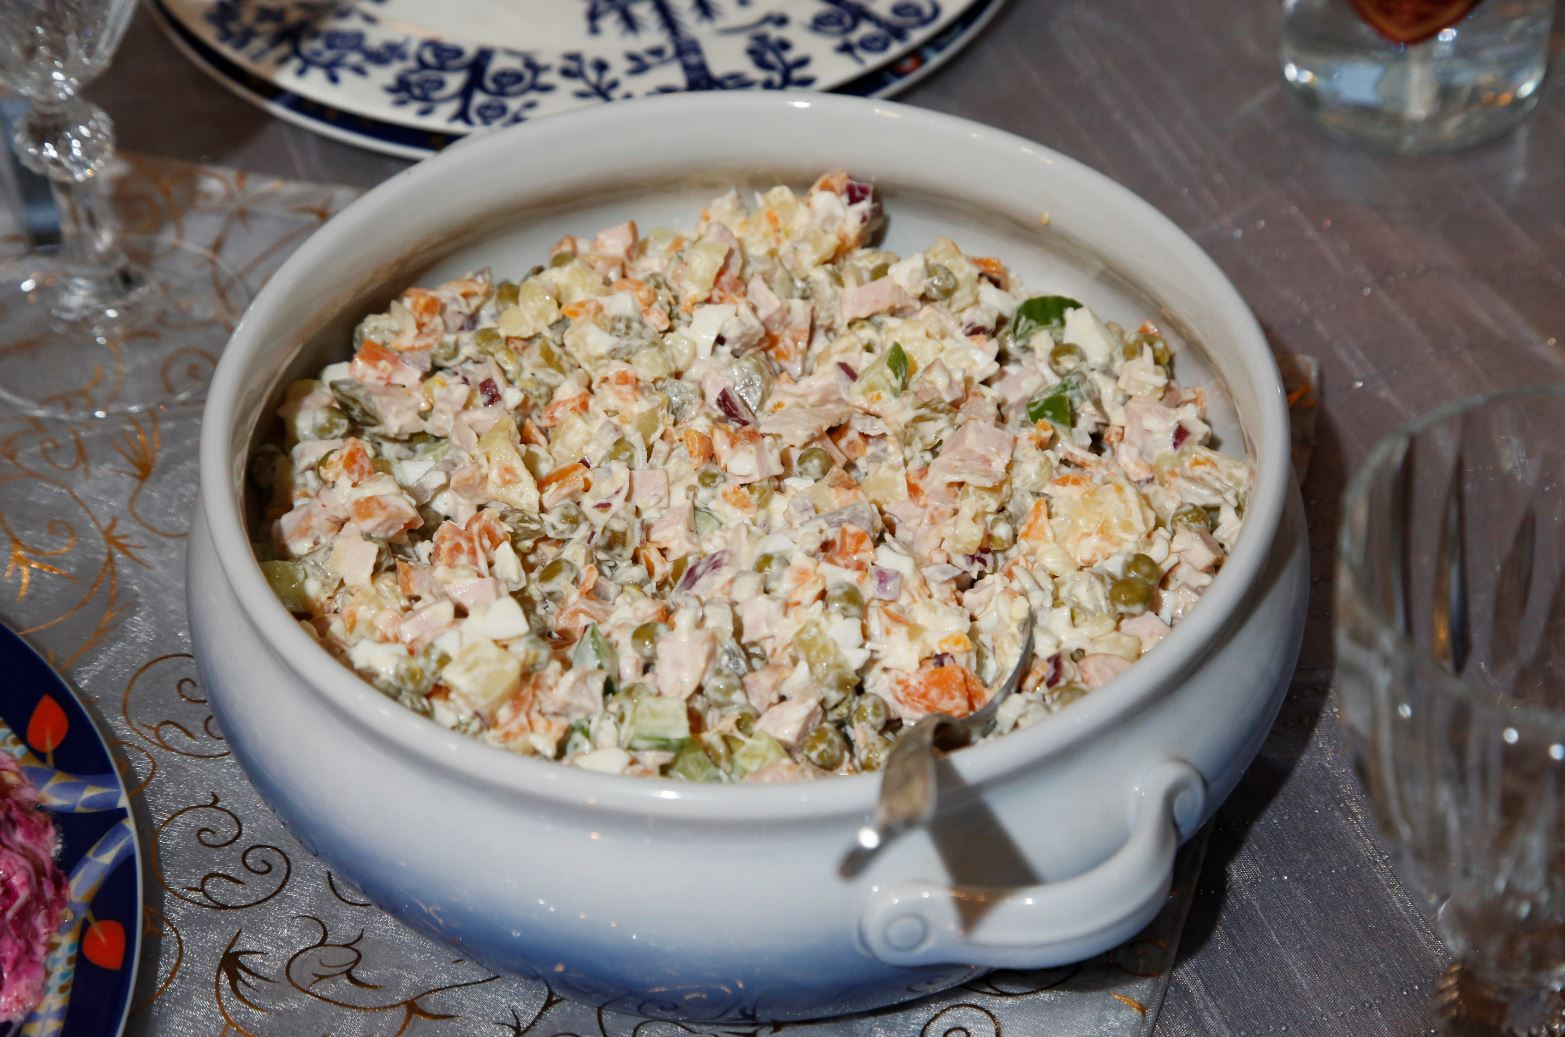 Perivenäläistä olivier-salaattia.